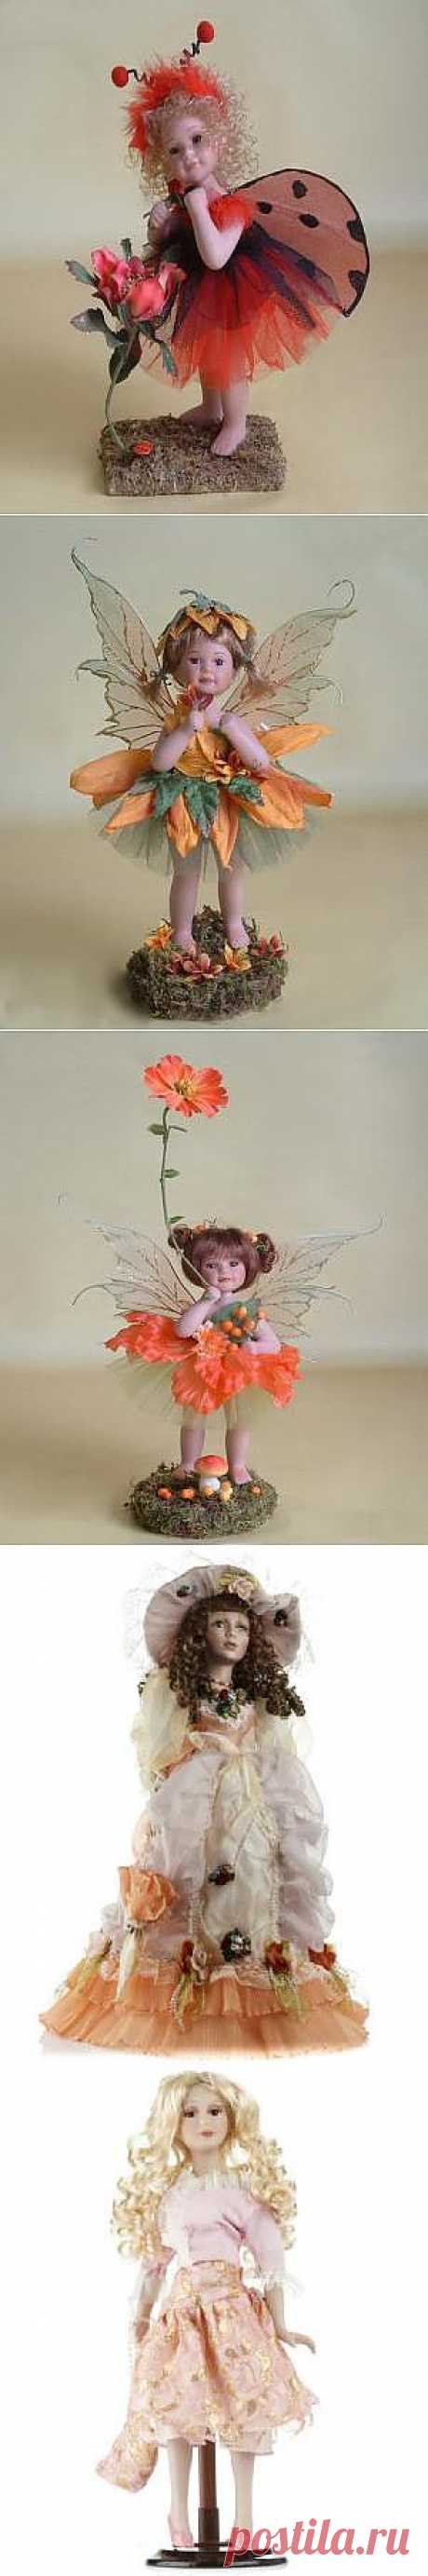 Милые куклы из фарфора – стильные элементы интерьерного декора, от 76 грн / Акции